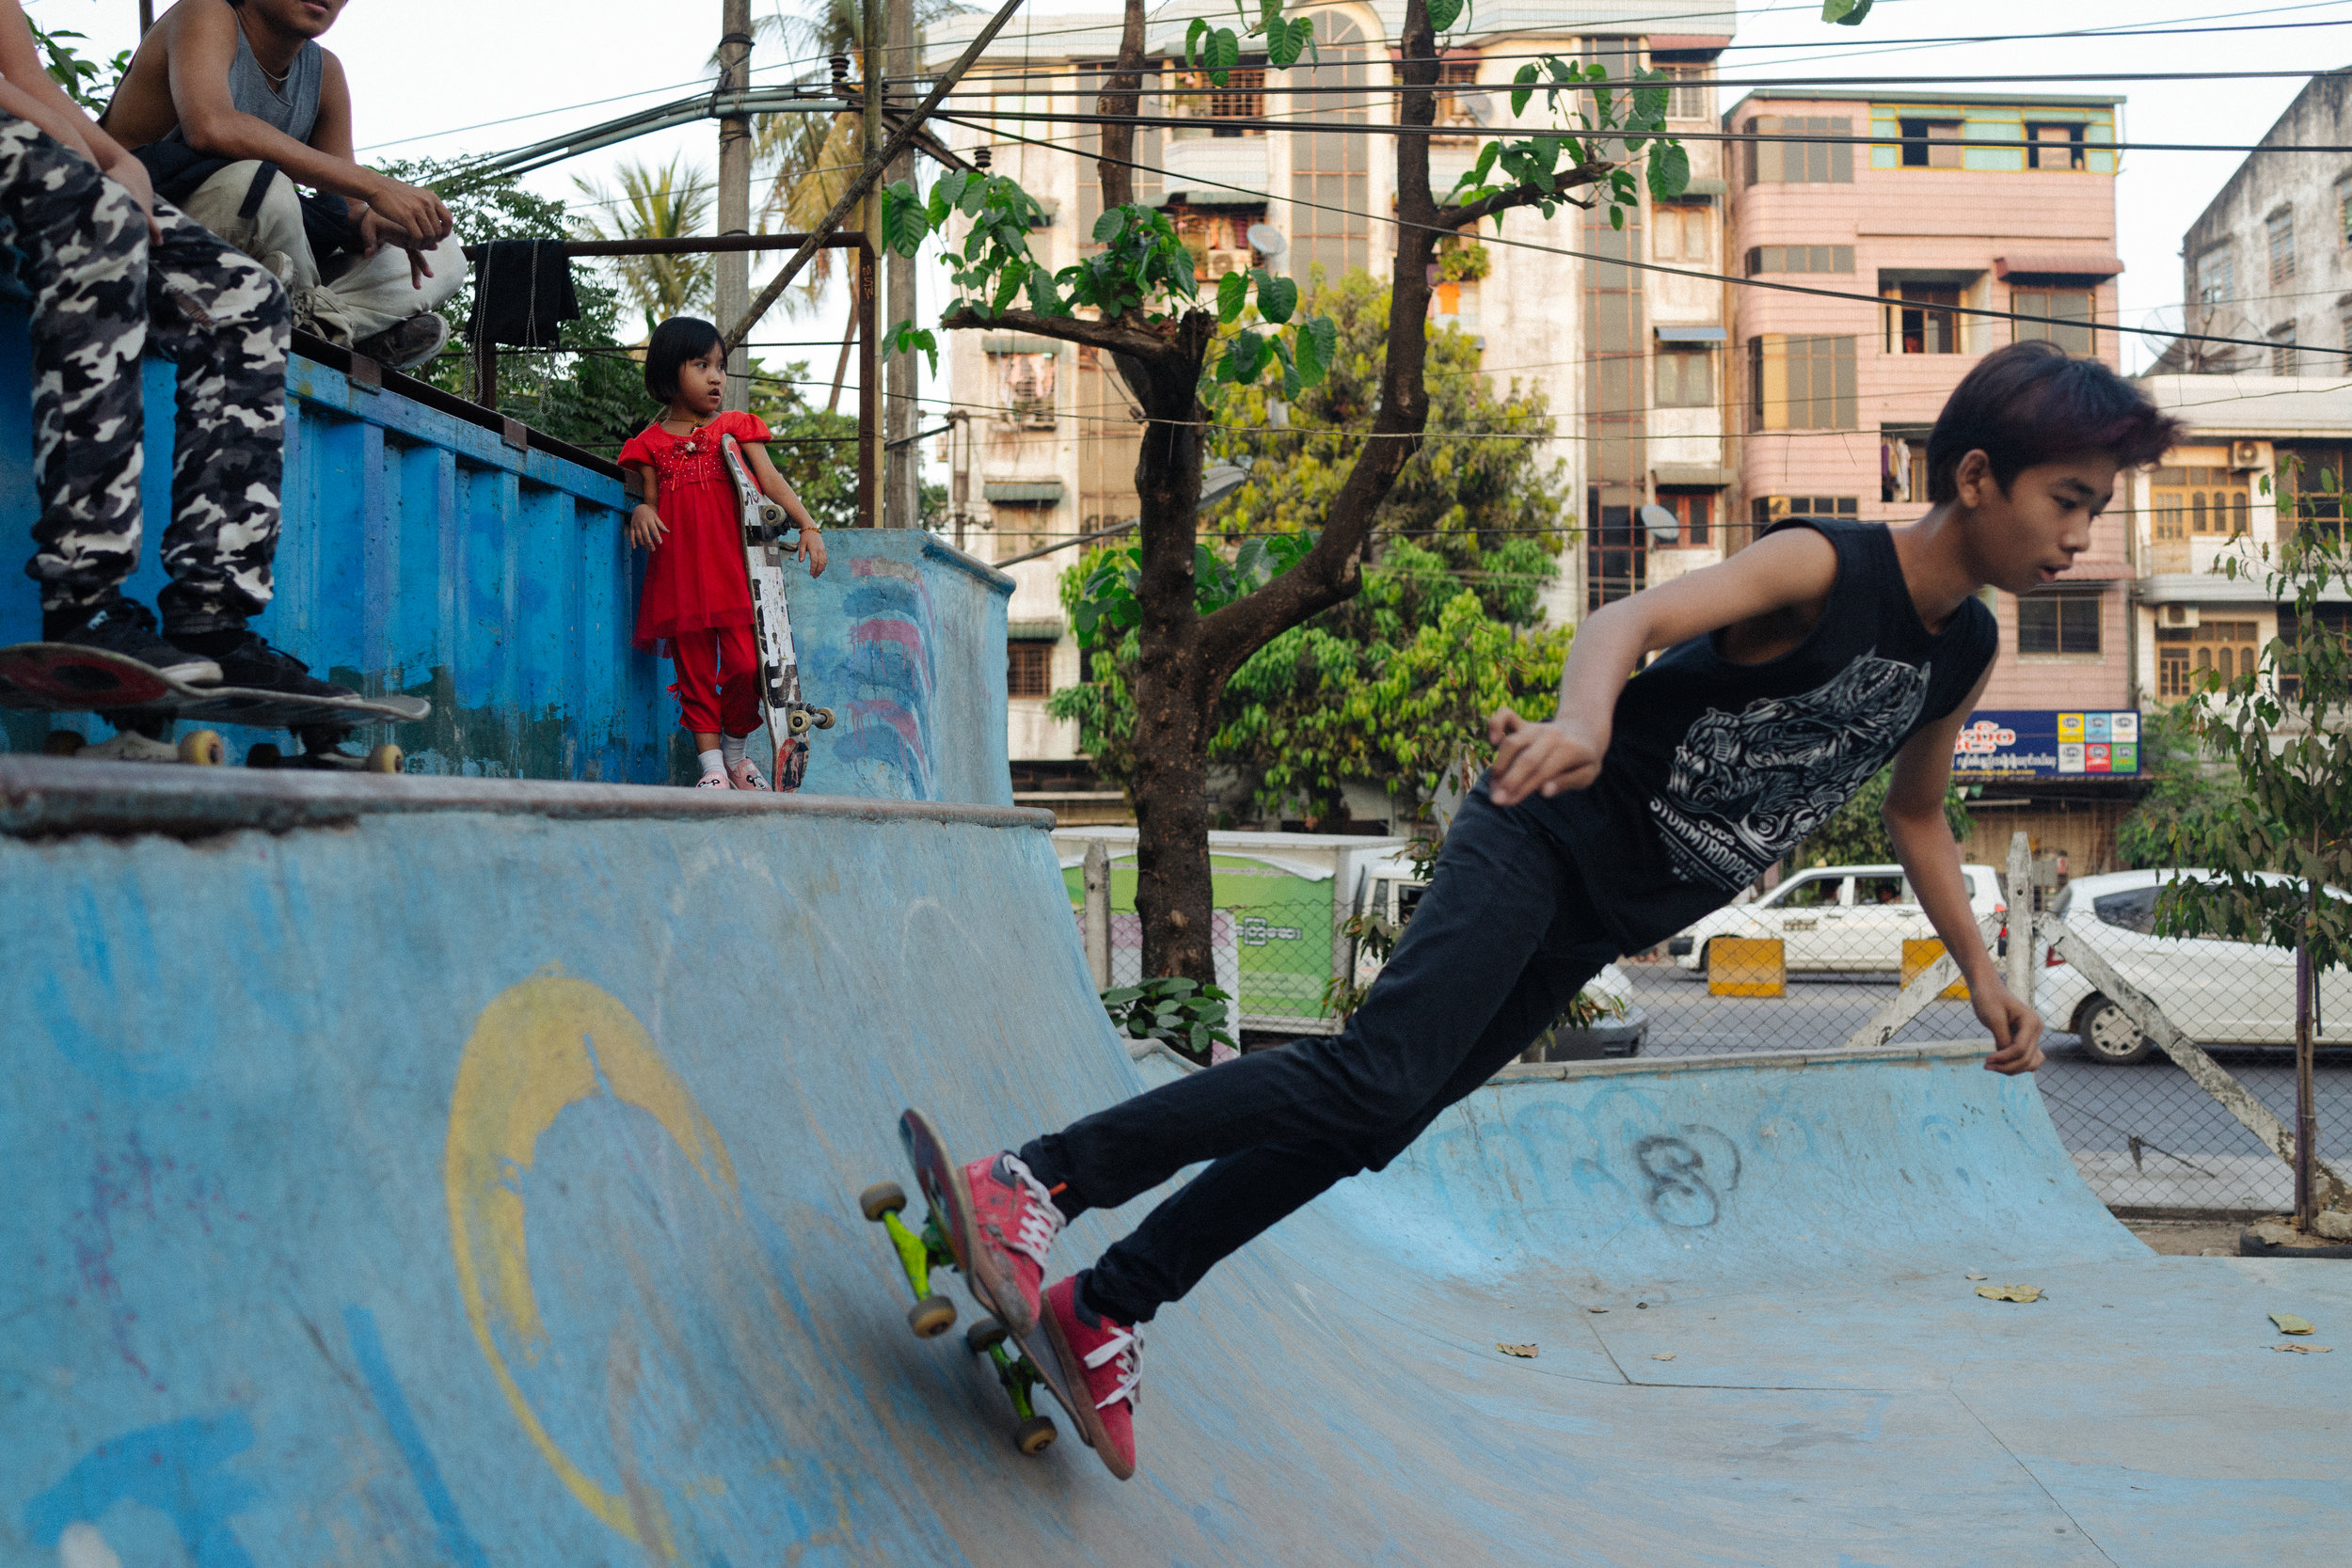 11-Girl_Rider.jpg